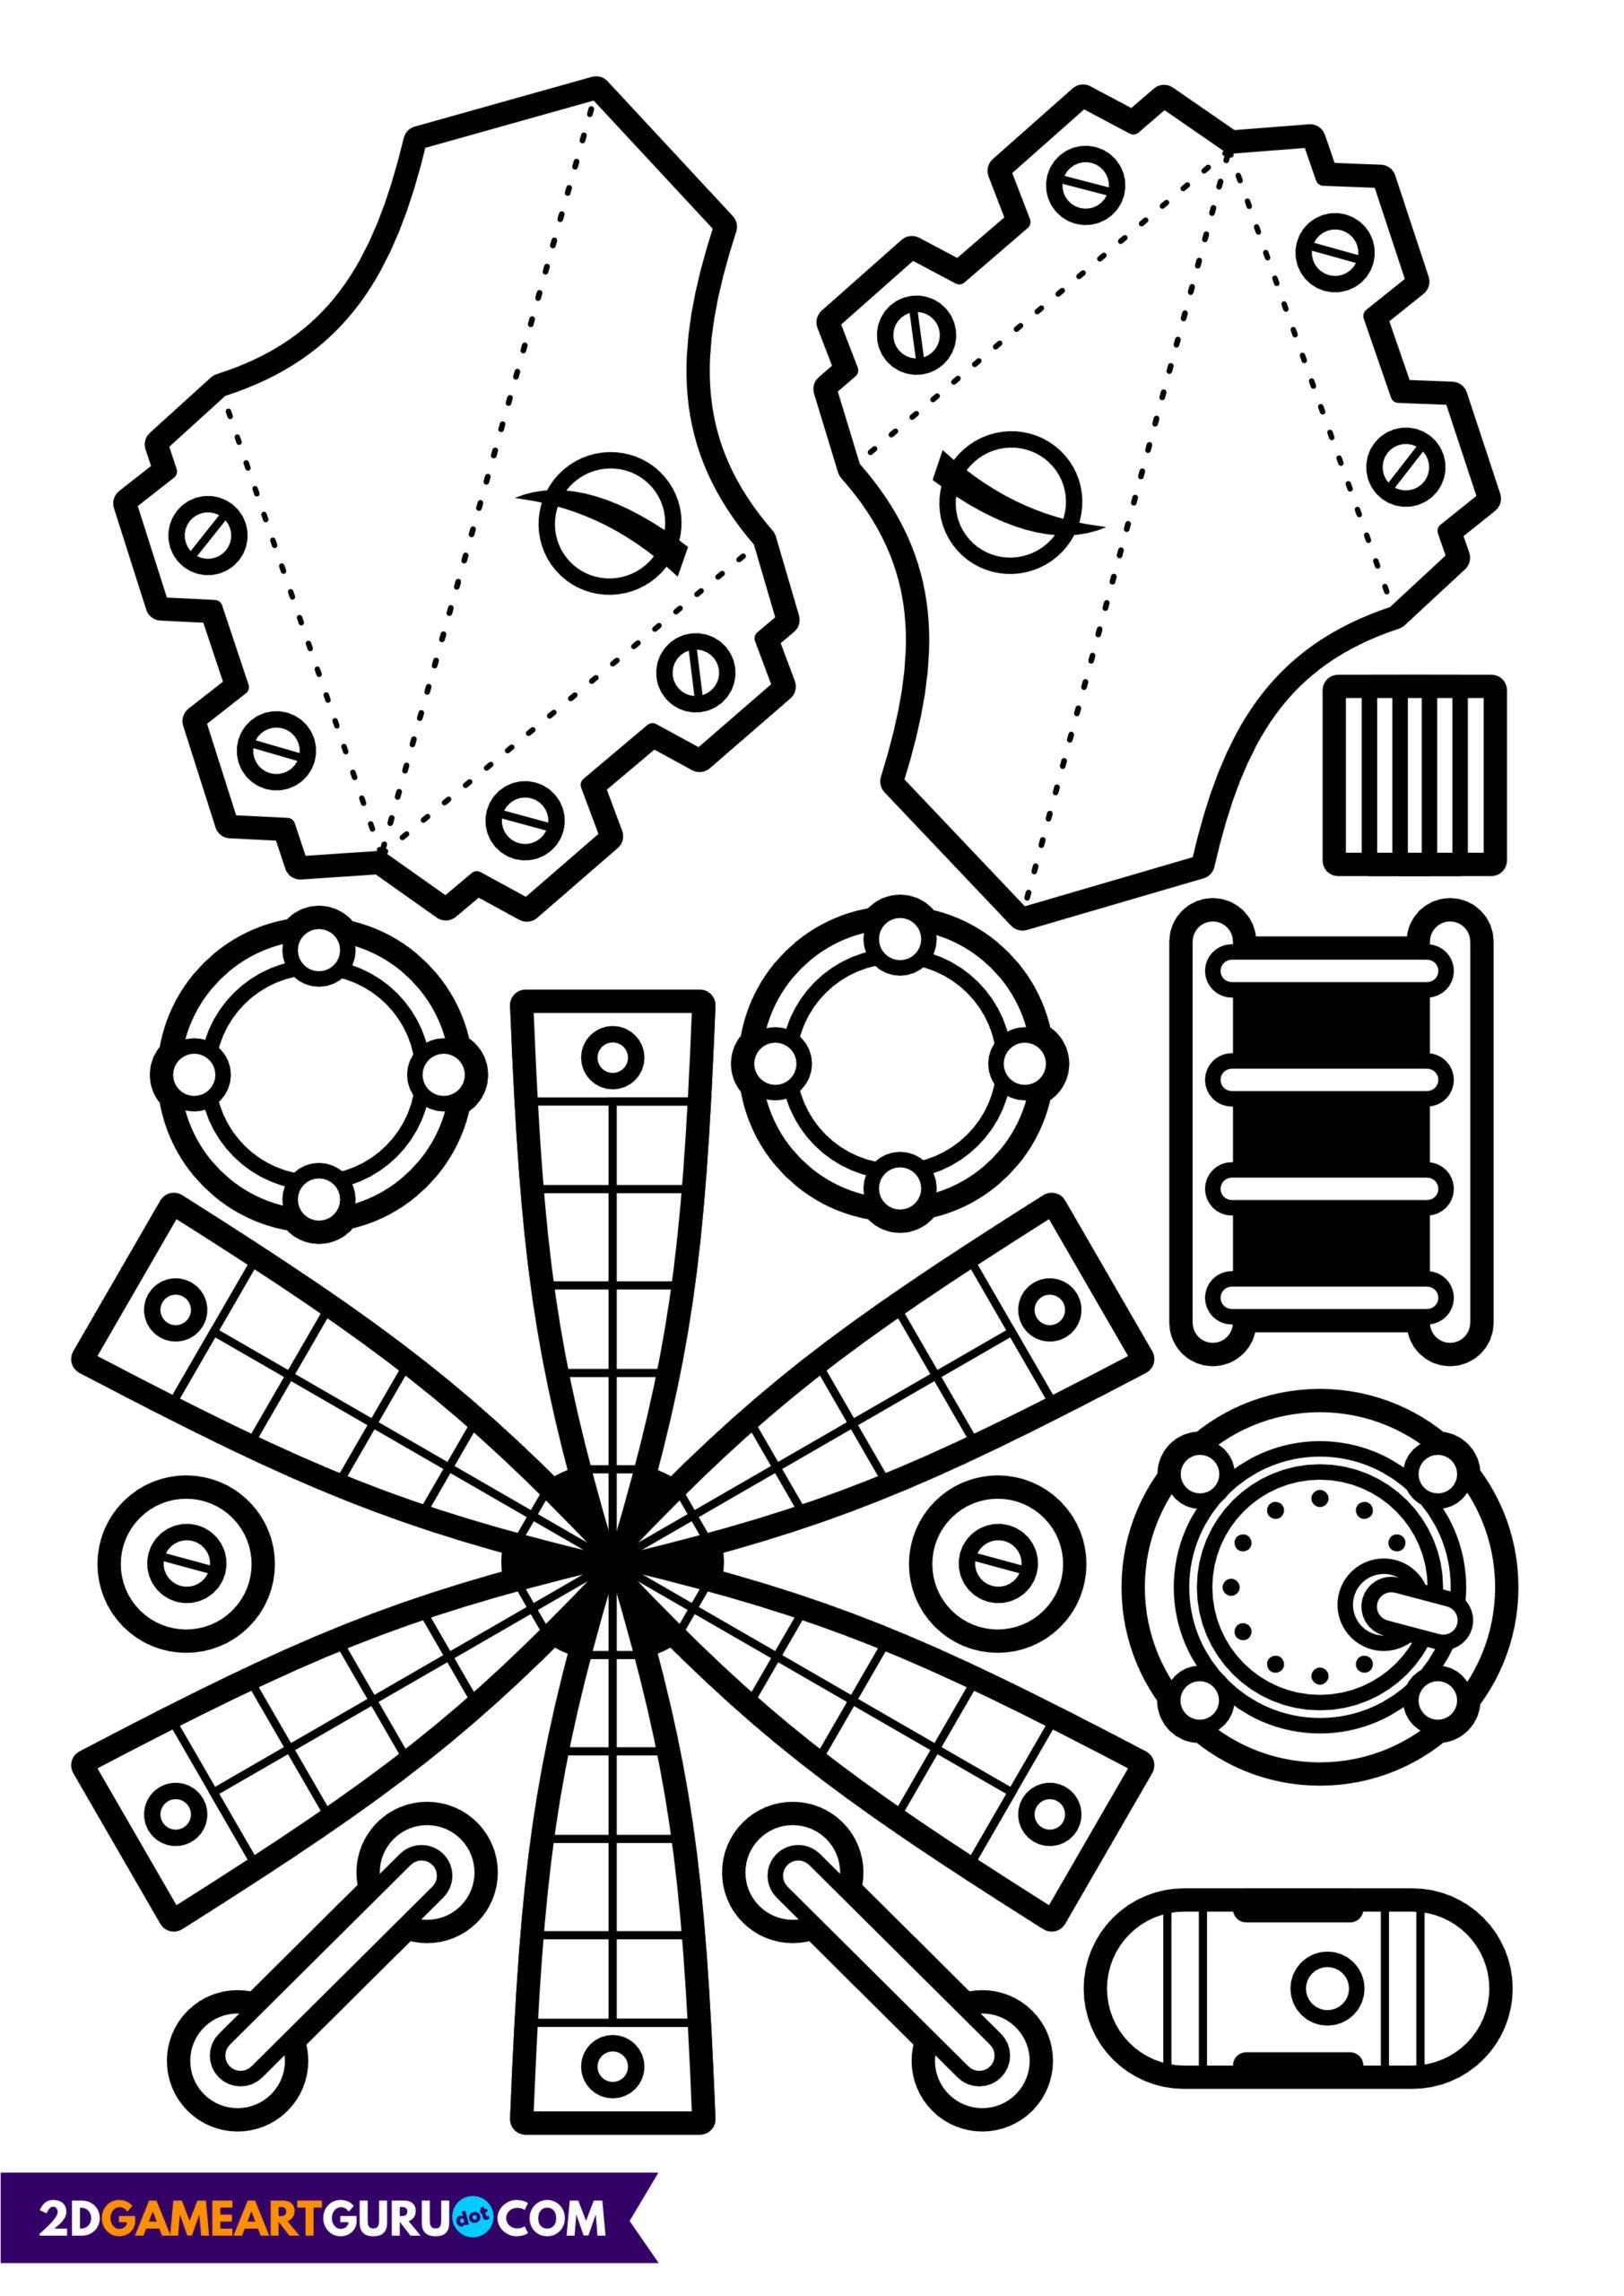 2dgameartguru - craft sheet rocket ship